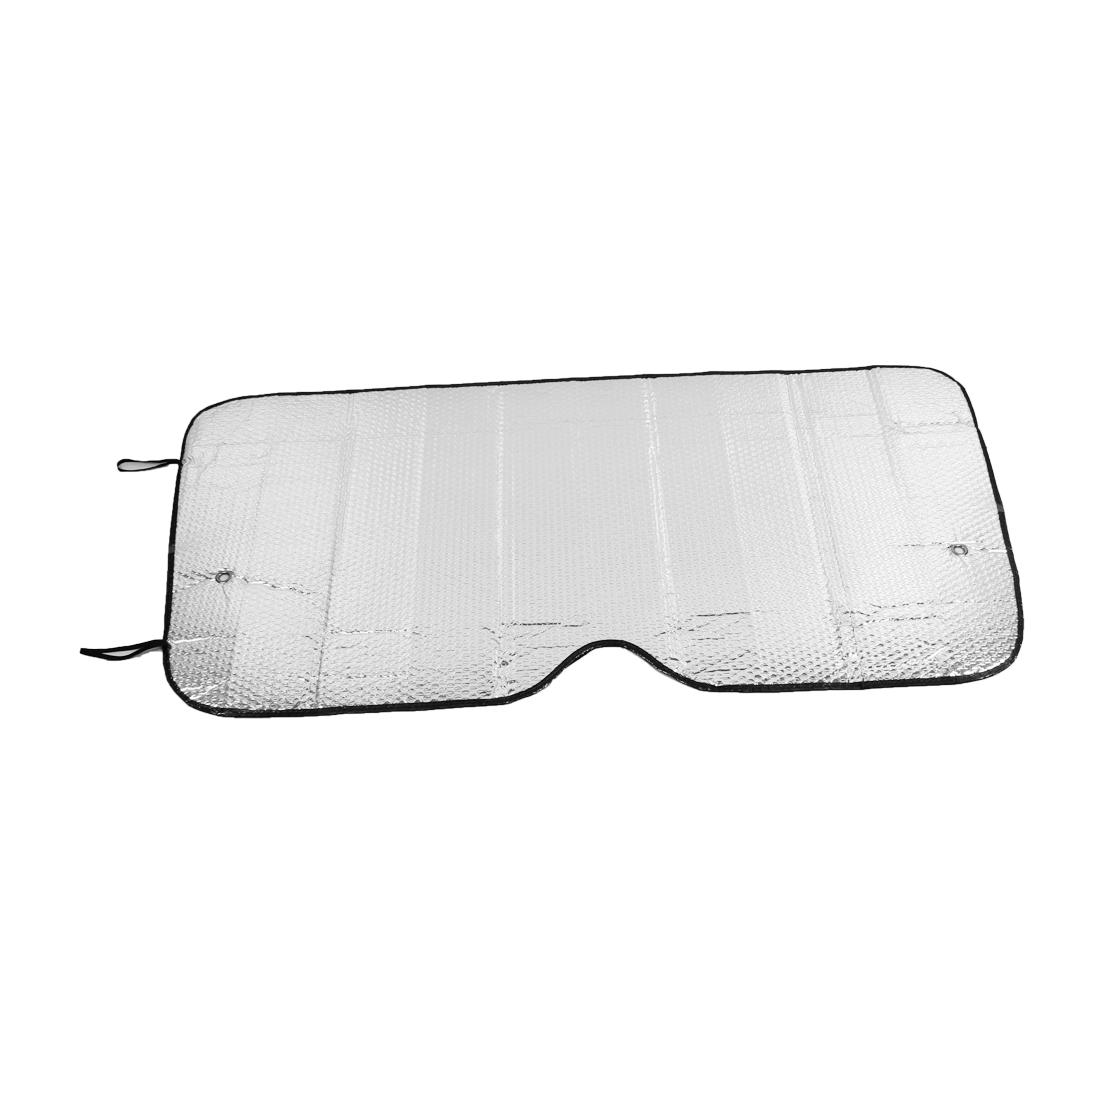 Vehicle Car 116cm x 61cm Silver Tone Sun Visor Sunshield Sunshade w Suction Cup